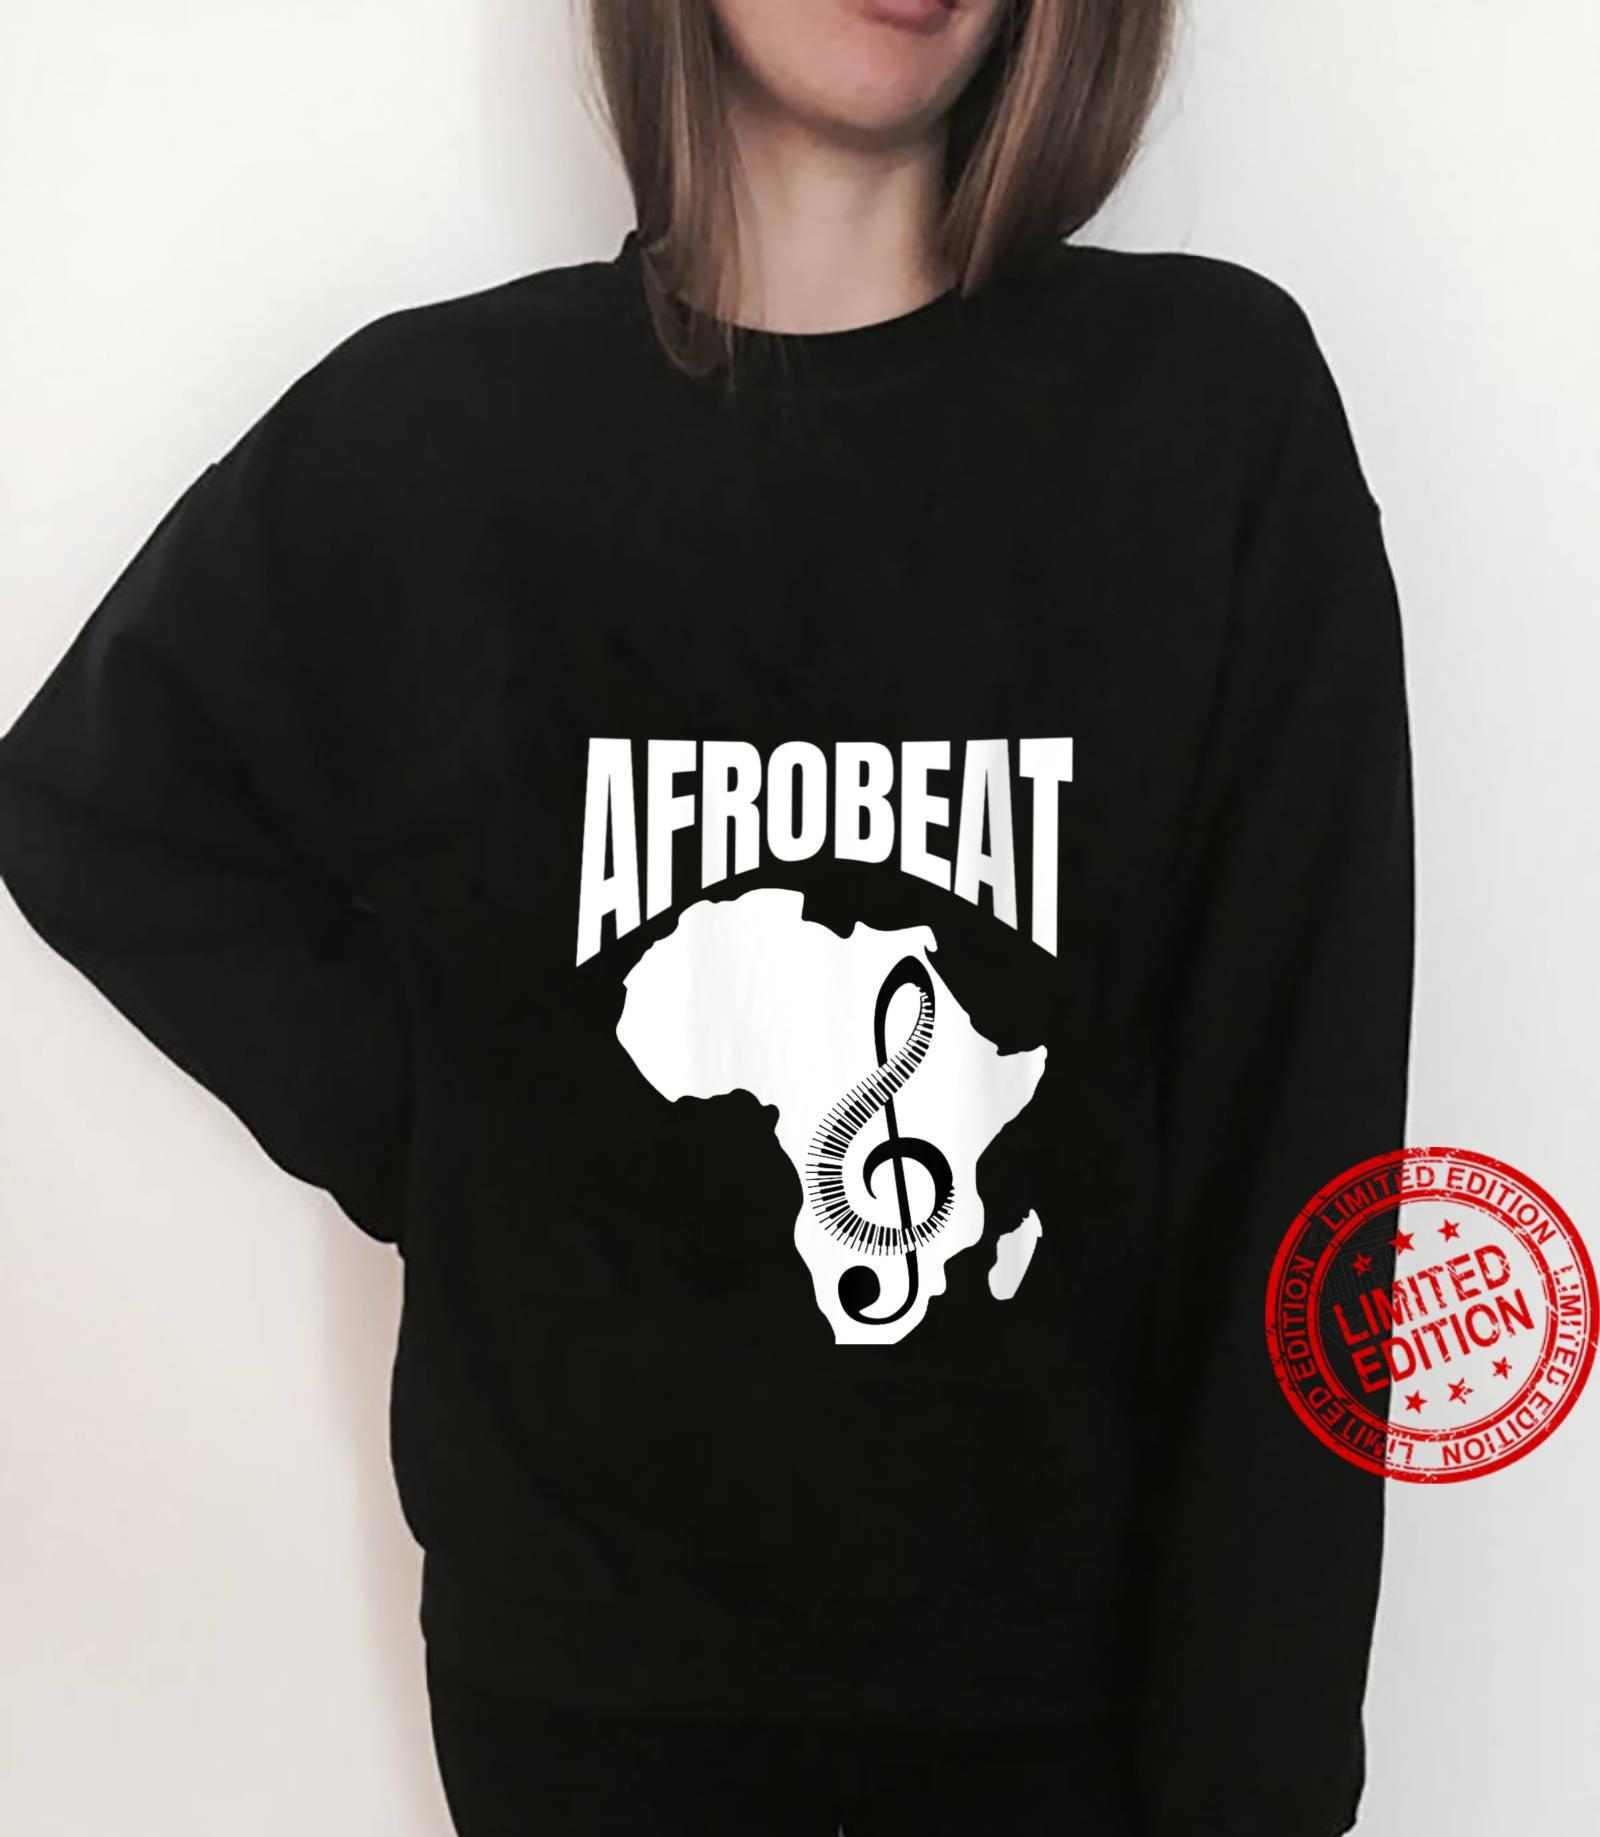 Womens Afrobeat Musics Nigeria Naija Africa Shirt sweater